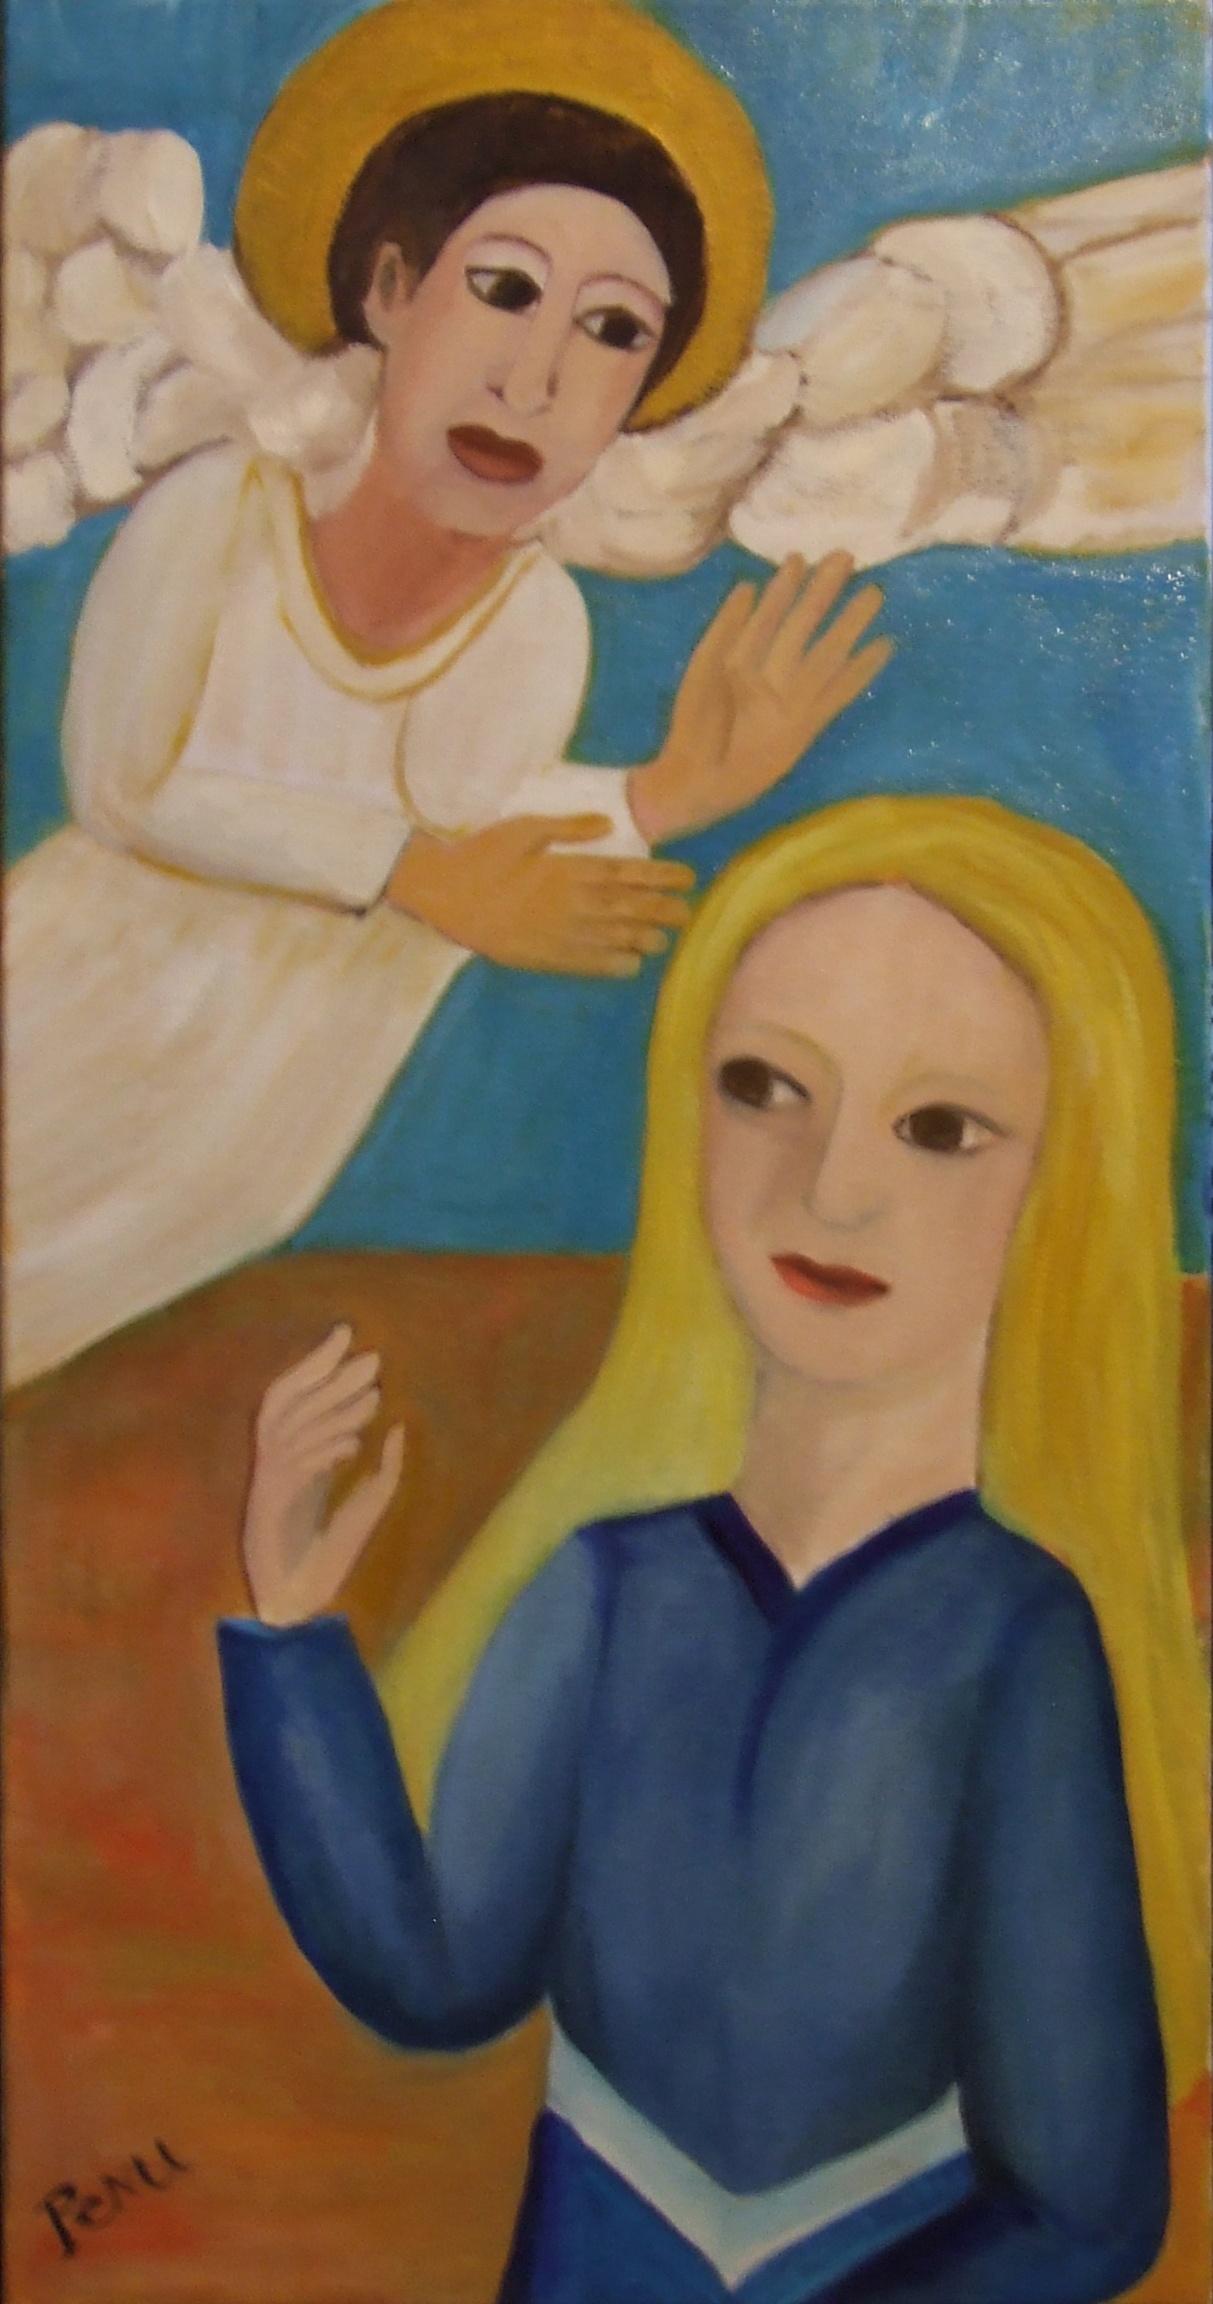 La visite de l'ange